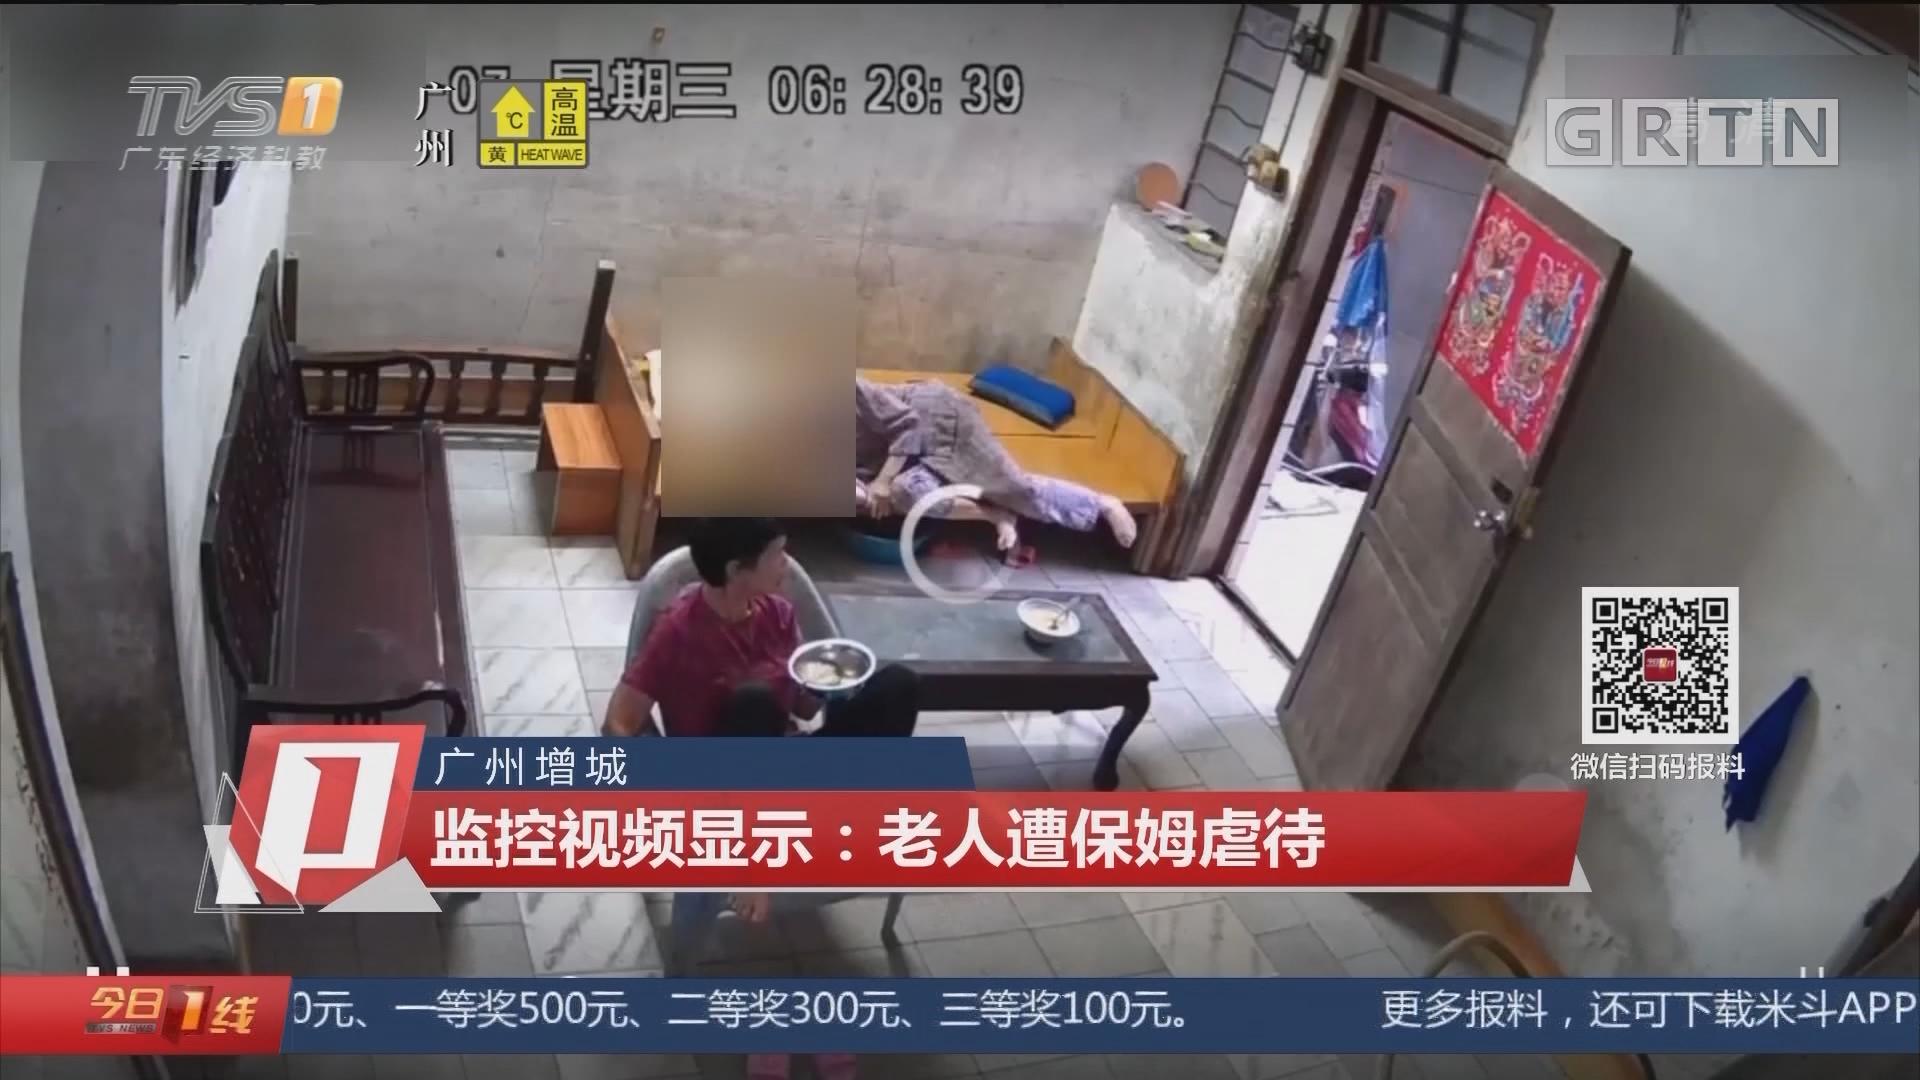 广州增城 监控视频显示:老人遭保姆虐待